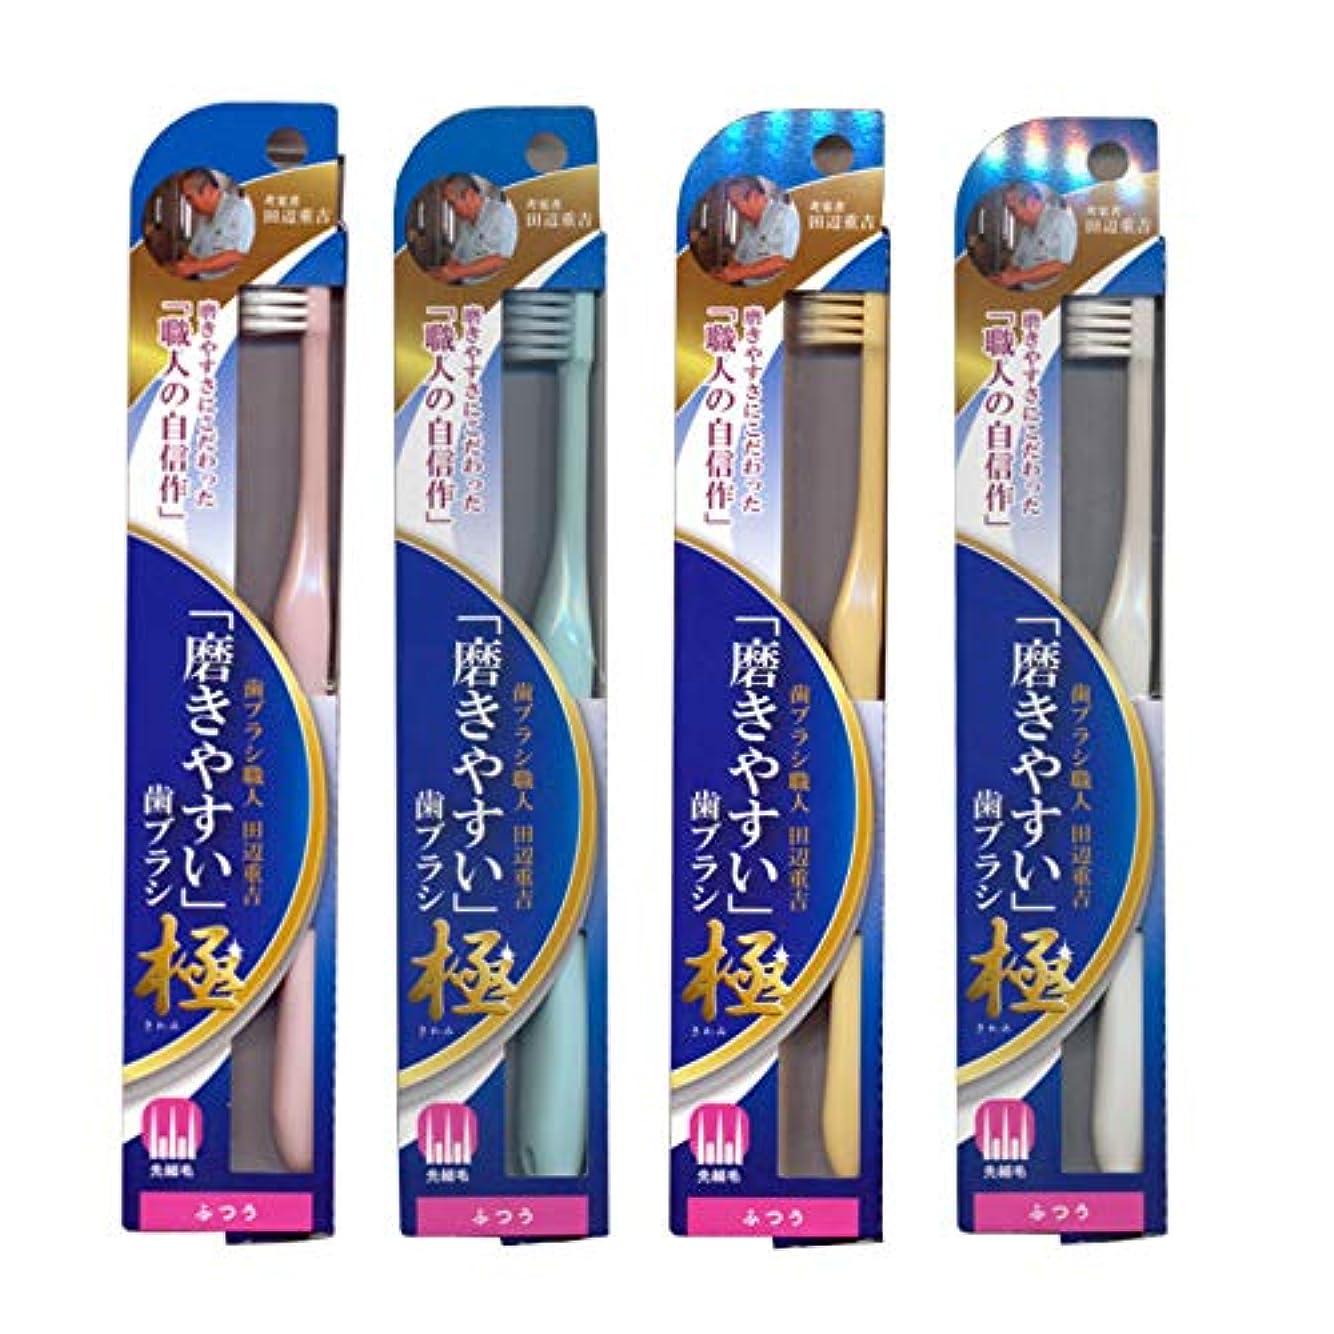 稚魚いじめっ子ボイド磨きやすい歯ブラシ極 (ふつう) LT-44×4本セット(ピンク×1、ブルー×1、ホワイト×1、イエロー×1)先細毛